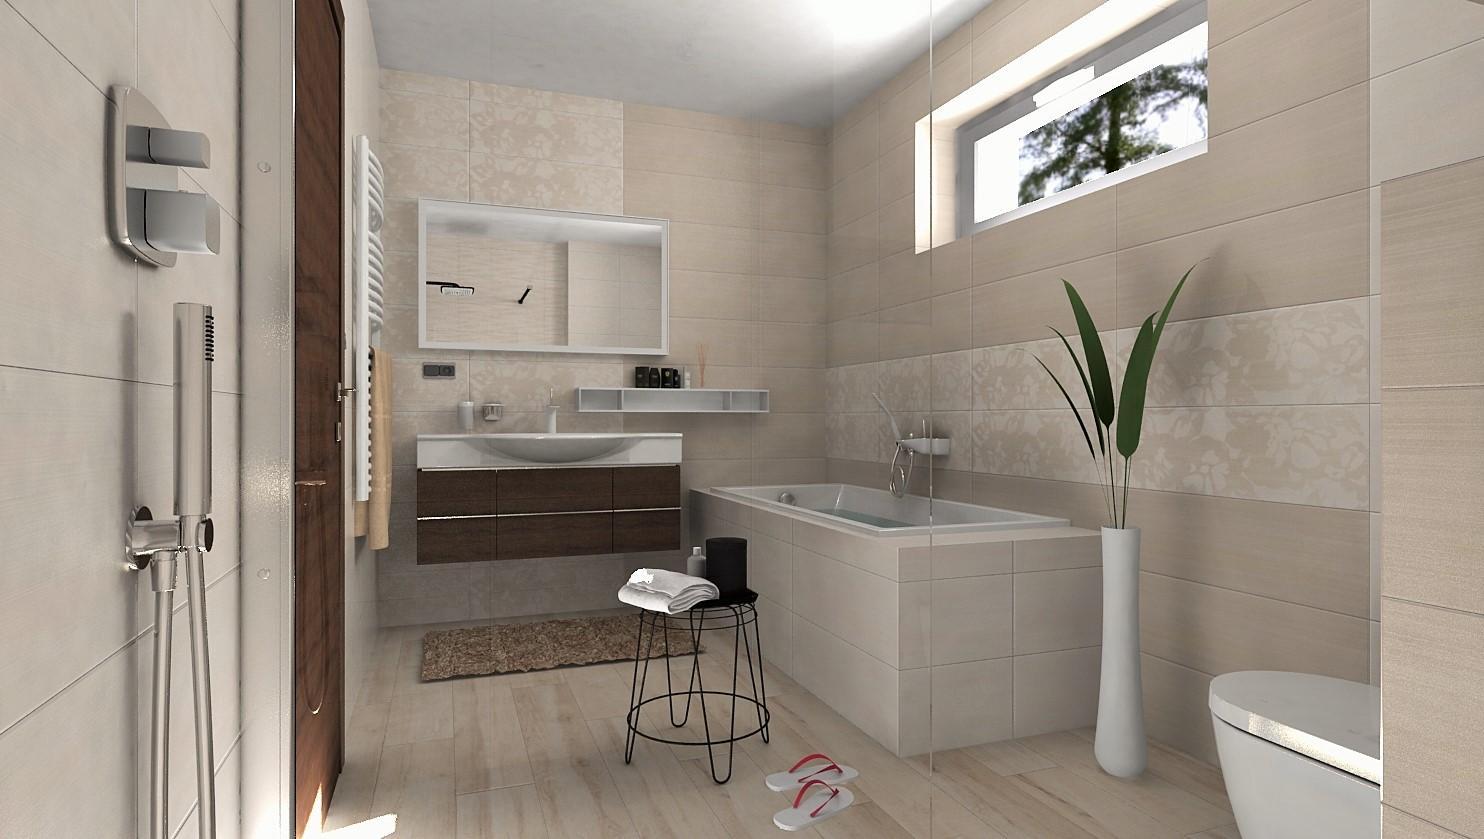 Návrhy a vizualizácie kúpeľní - Vizualizácia kúpeľne v jemnej béžovej - www.modernekupelne.sk/navrhy-kupelni